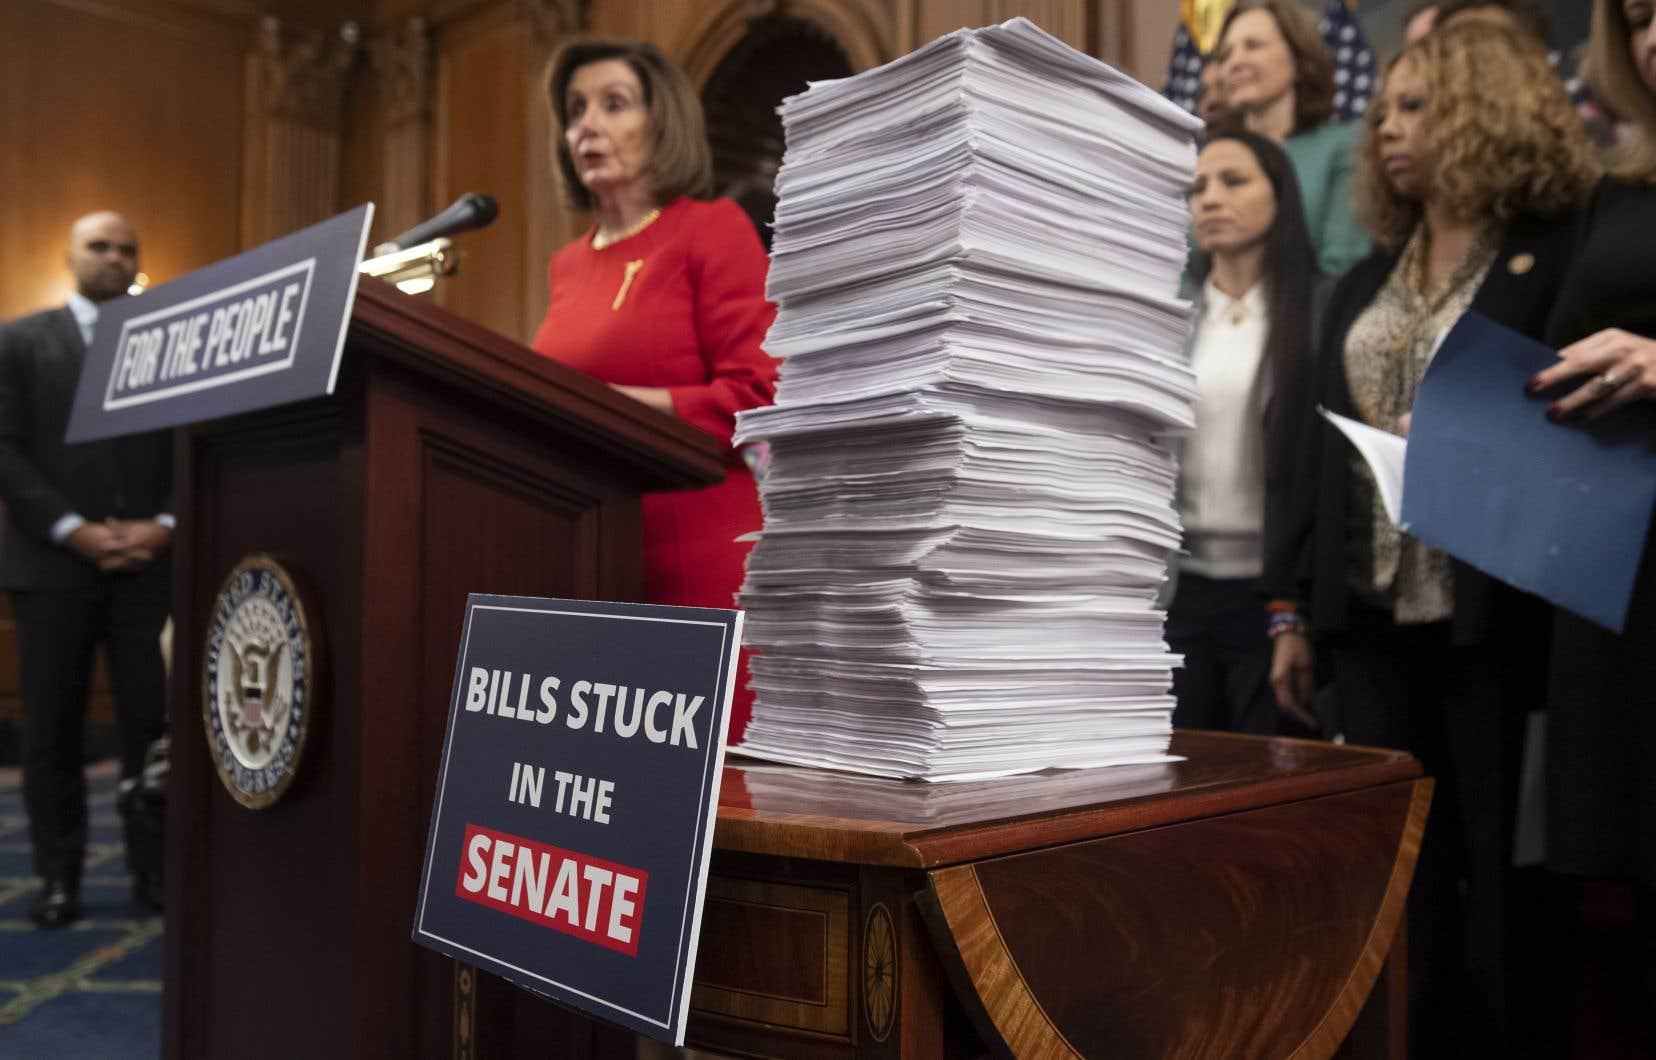 La cheffe démocrate Nancy Pelosi a empilé en conférence de presse, jeudi, les copies de projets de loi en attente d'approbation par le Sénat contrôlé par les républicains.